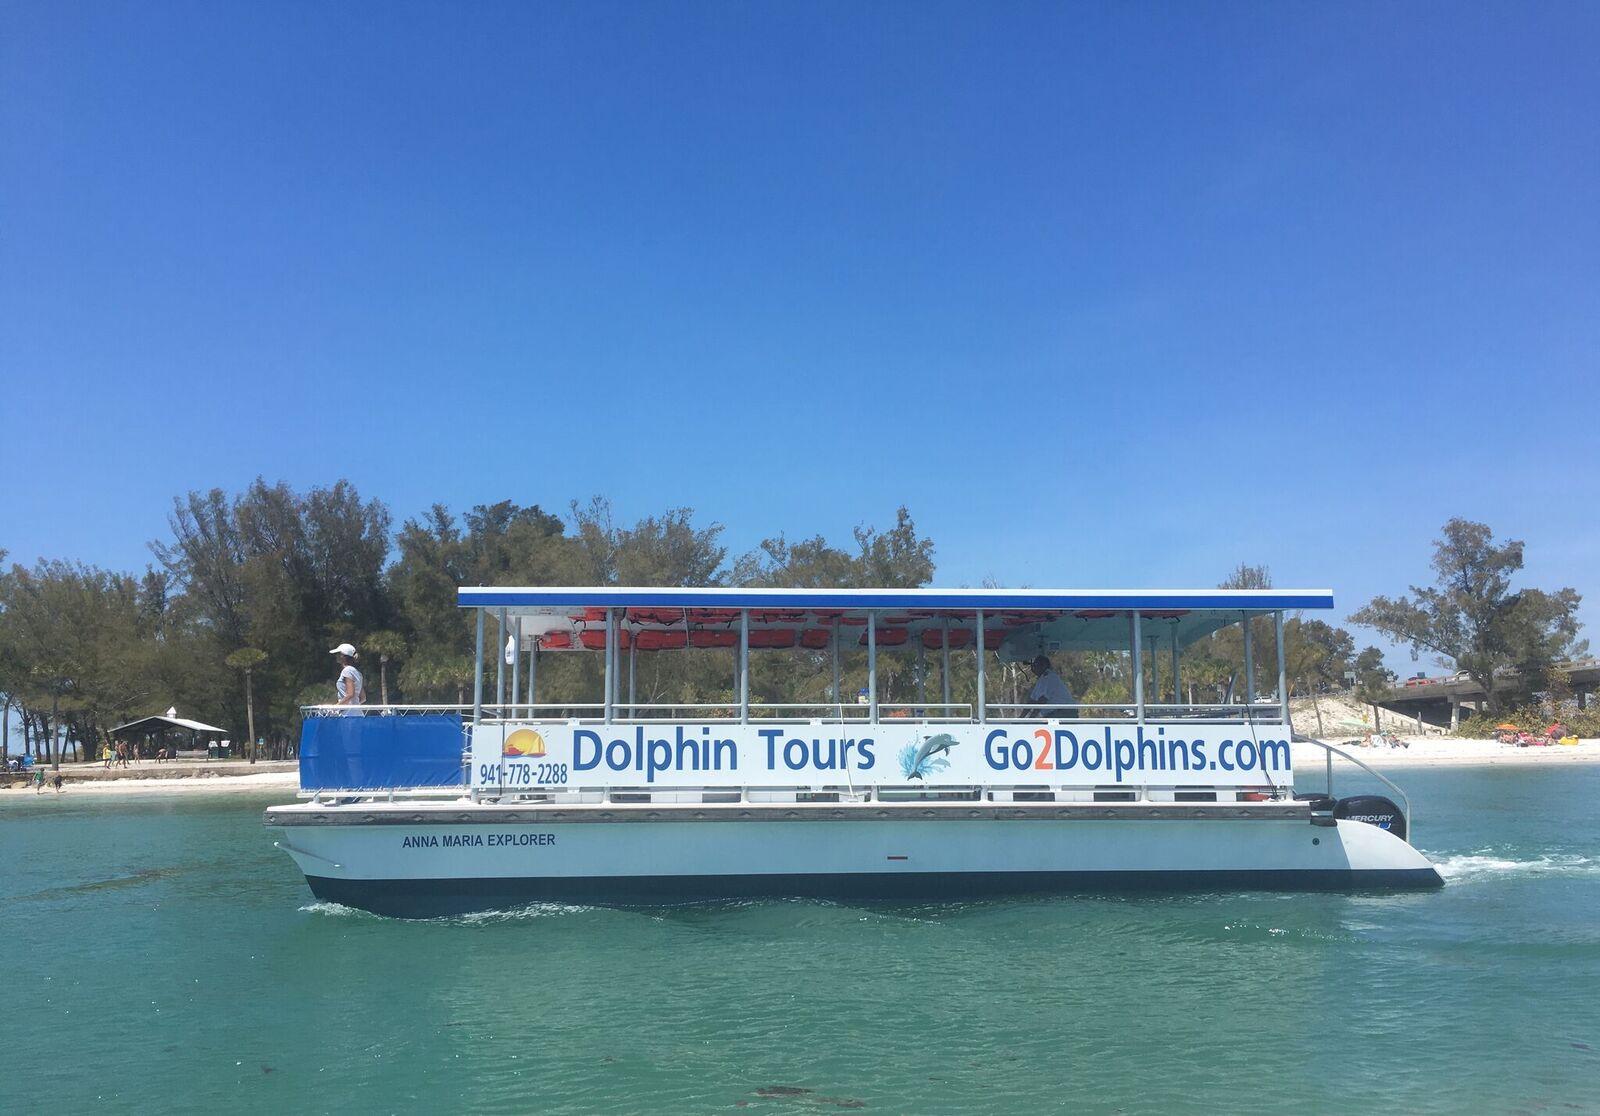 Anna Maria Explorer Dolphin Tours